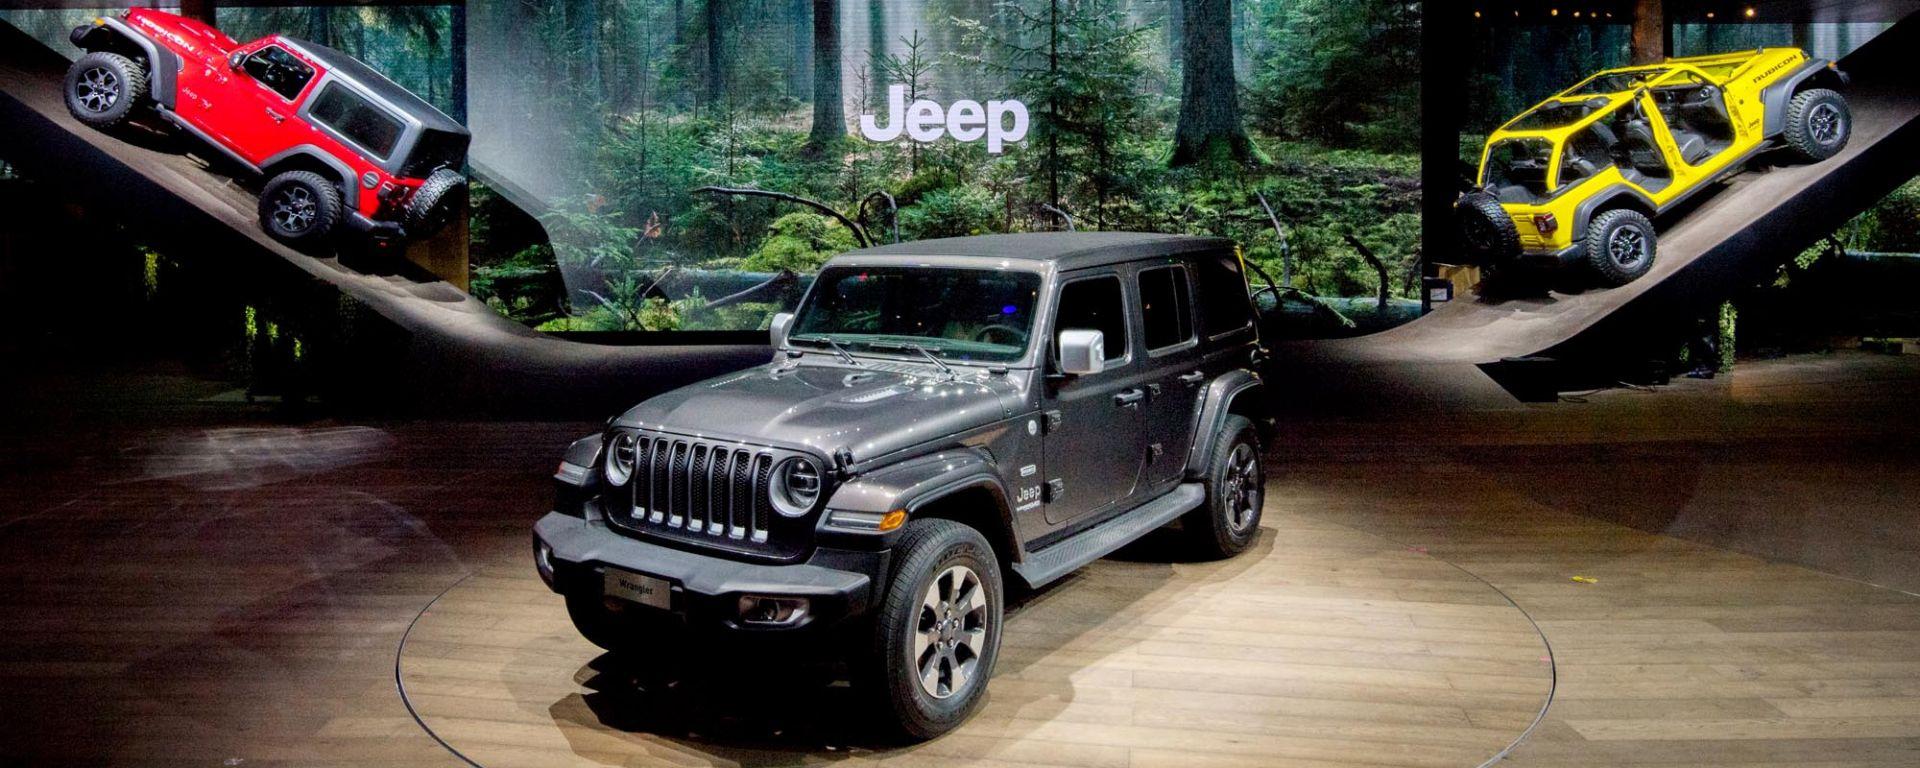 FCA: un car sharing negli USA con le Jeep... dei clienti